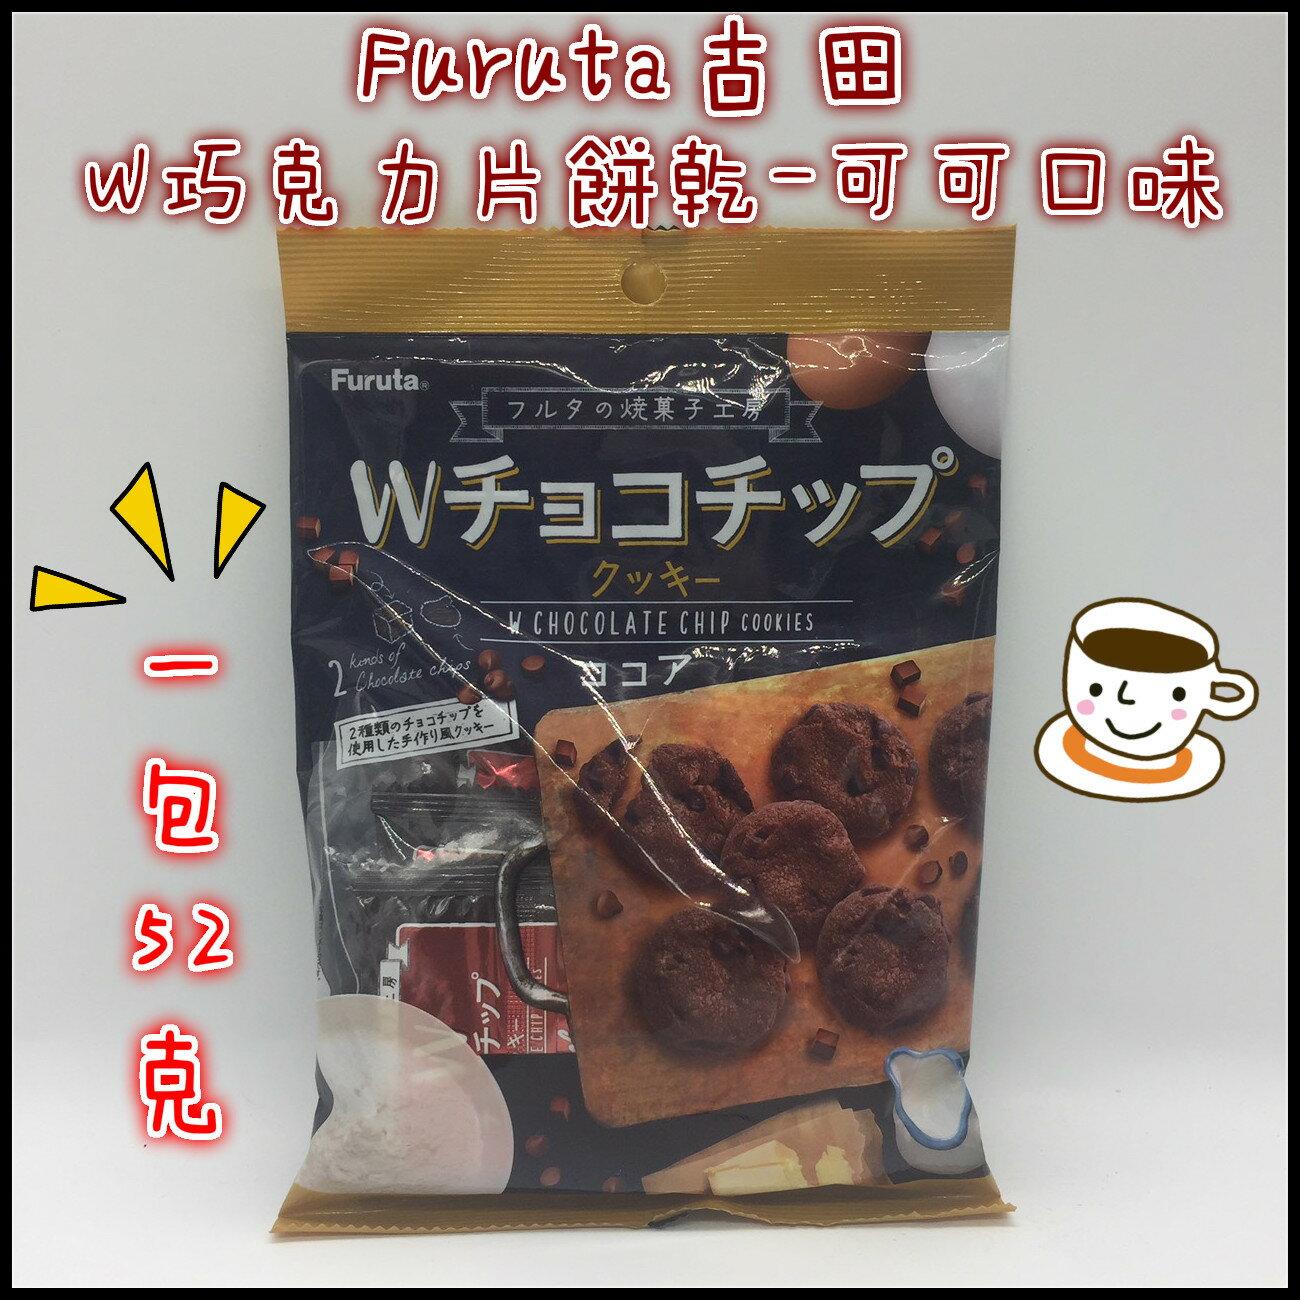 ?含發票?進口零食?Furuta古田?W巧克力片餅乾?可可口味?一包52克?日本進口 零食 點心 餅乾 糖果?